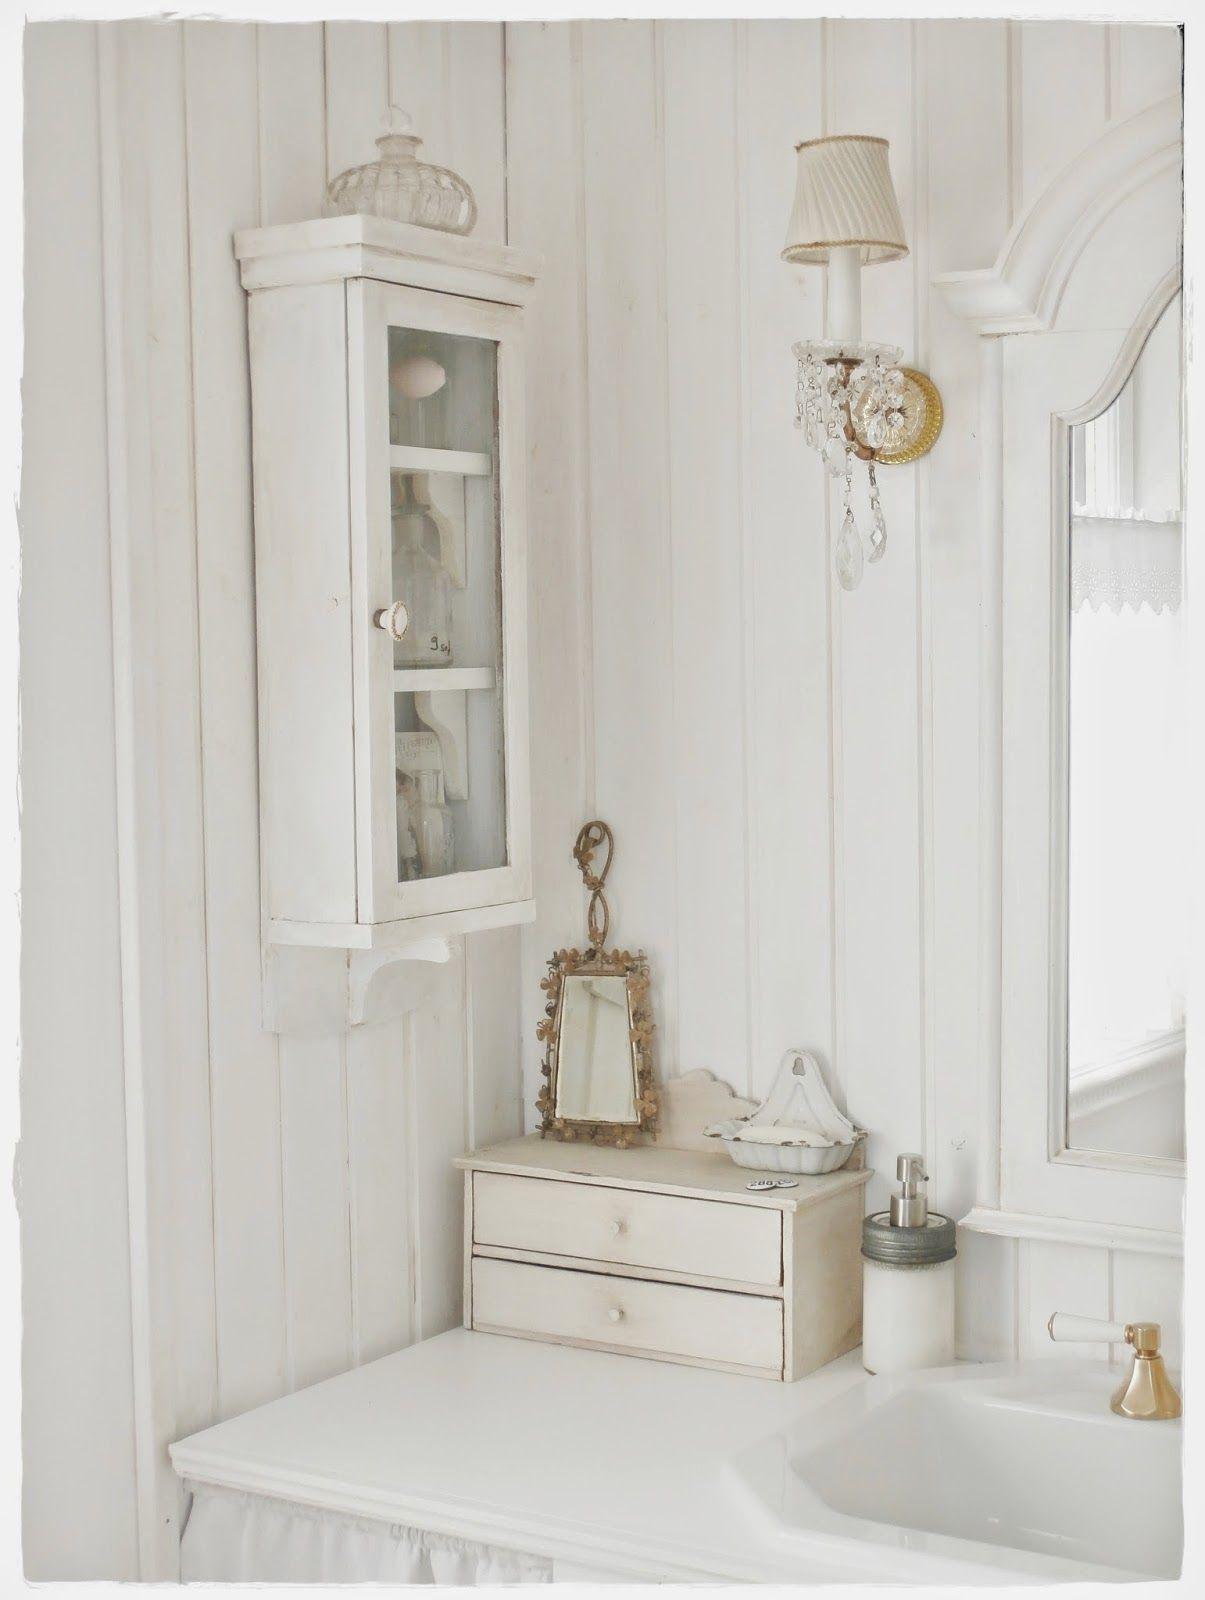 Una favolosa stanza da bagno in stile shabby chic | Rustic Home ...